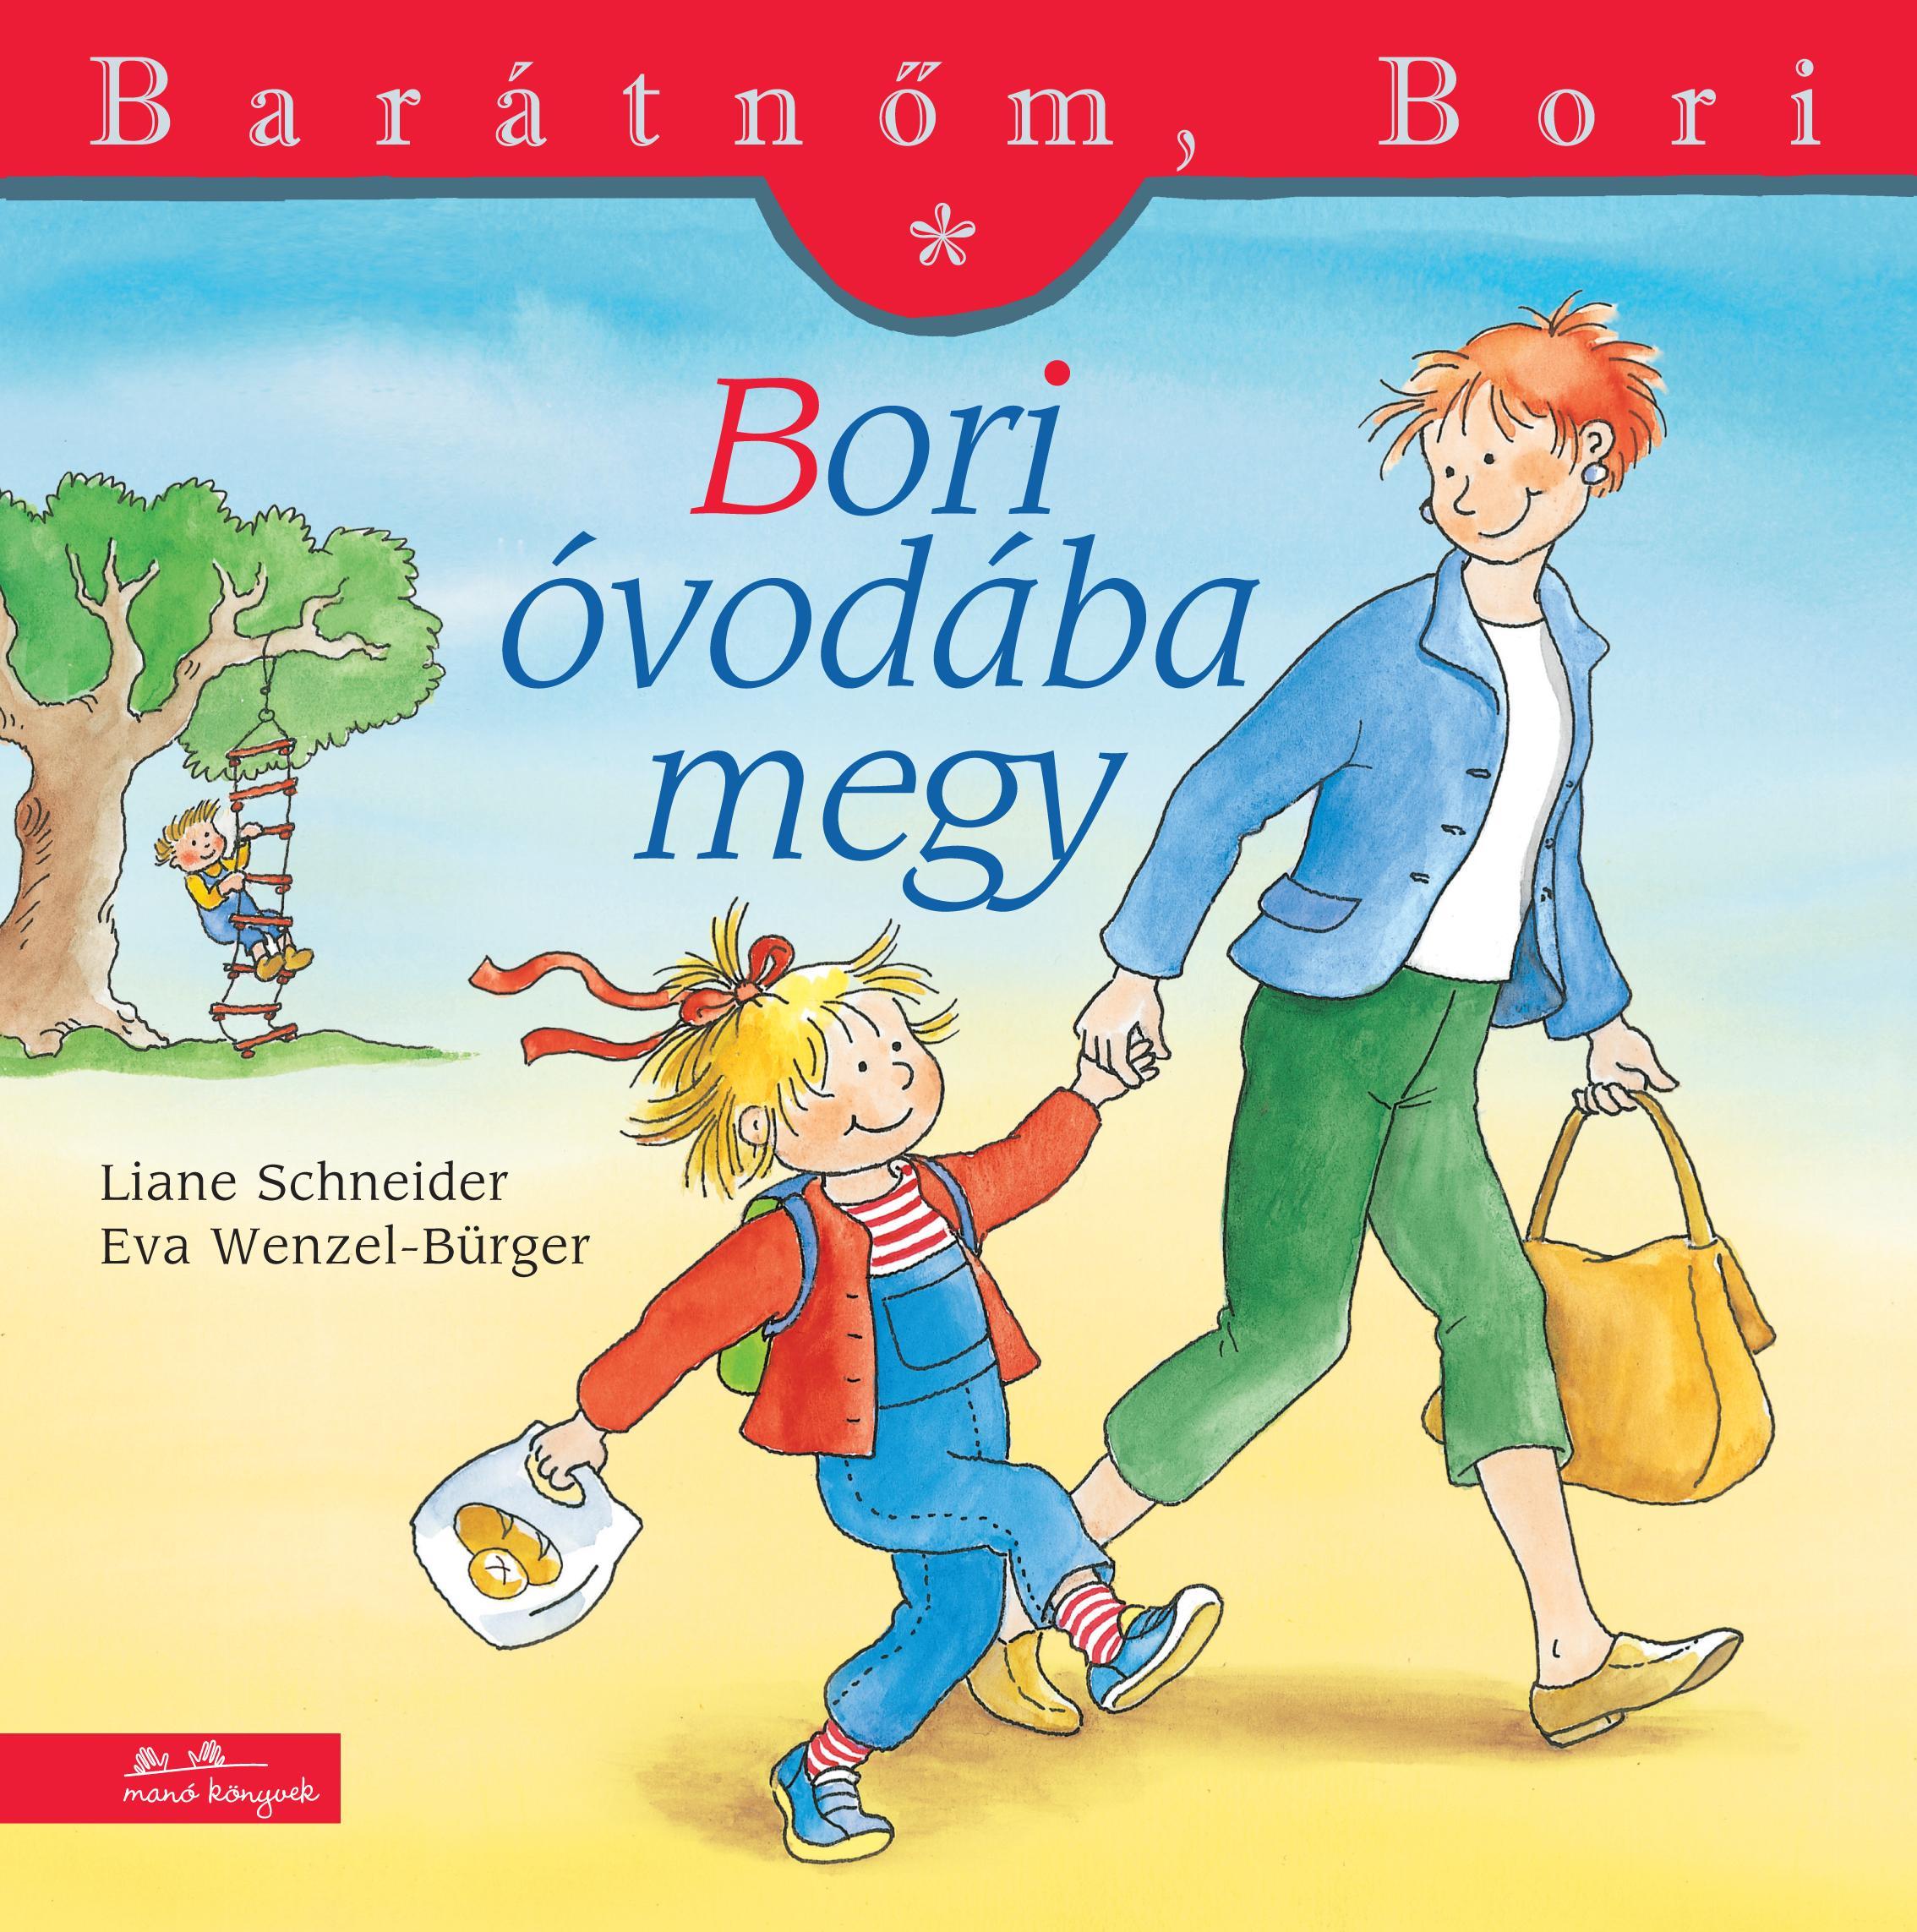 BORI ÓVODÁBA MEGY - BARÁTNŐM, BORI